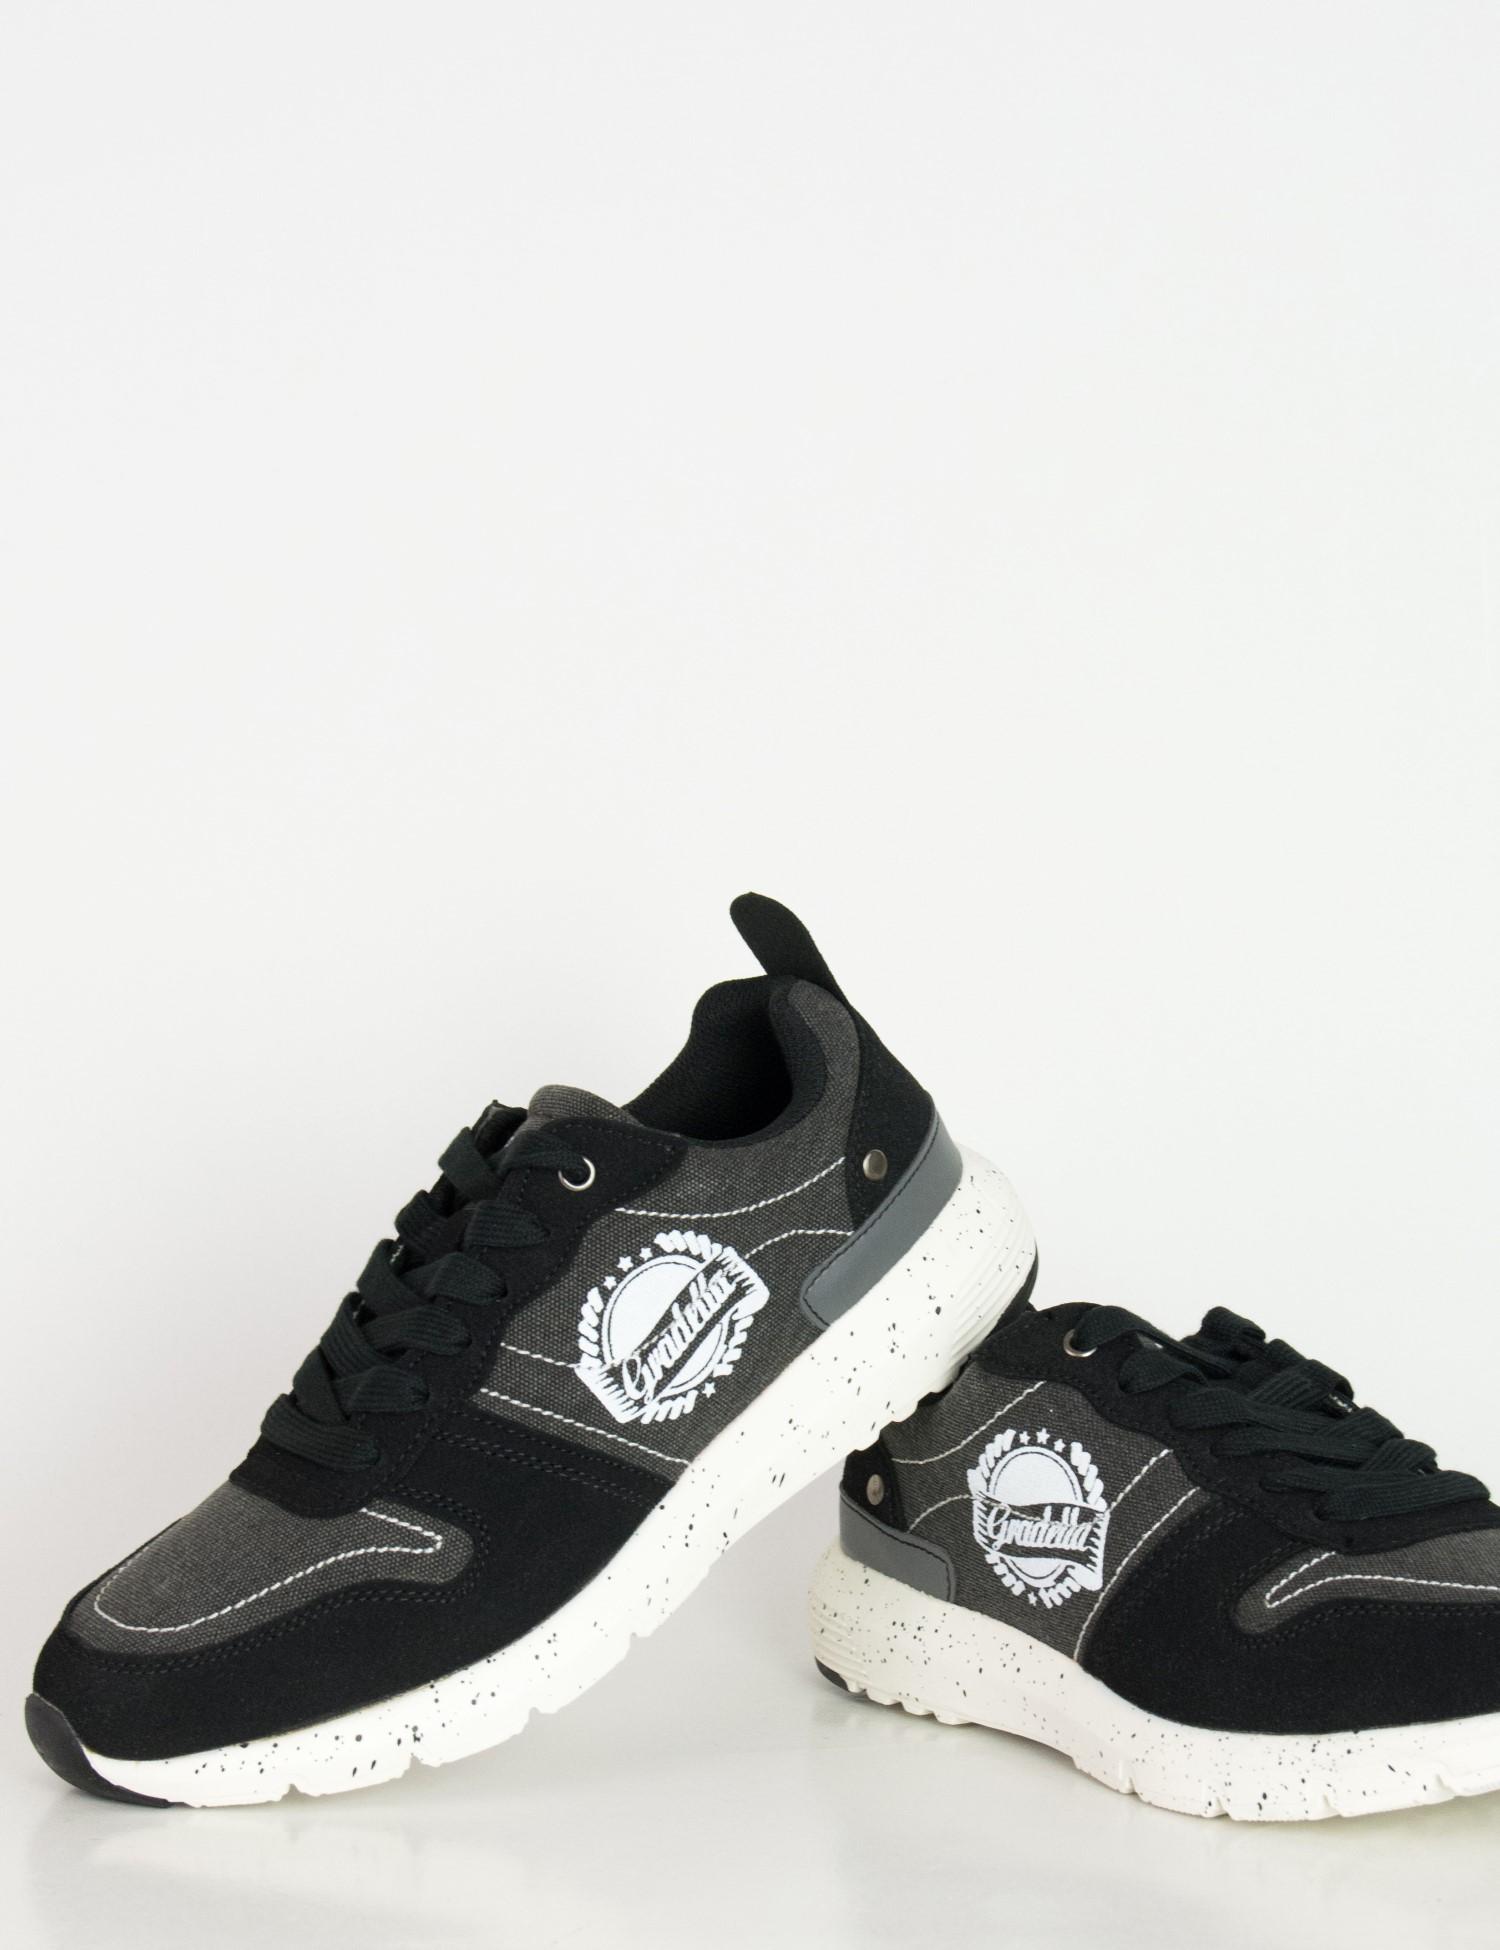 360e3f17a70 Ανδρικά Sneakers παπούτσια μαύρα υφασμάτινα K70420F